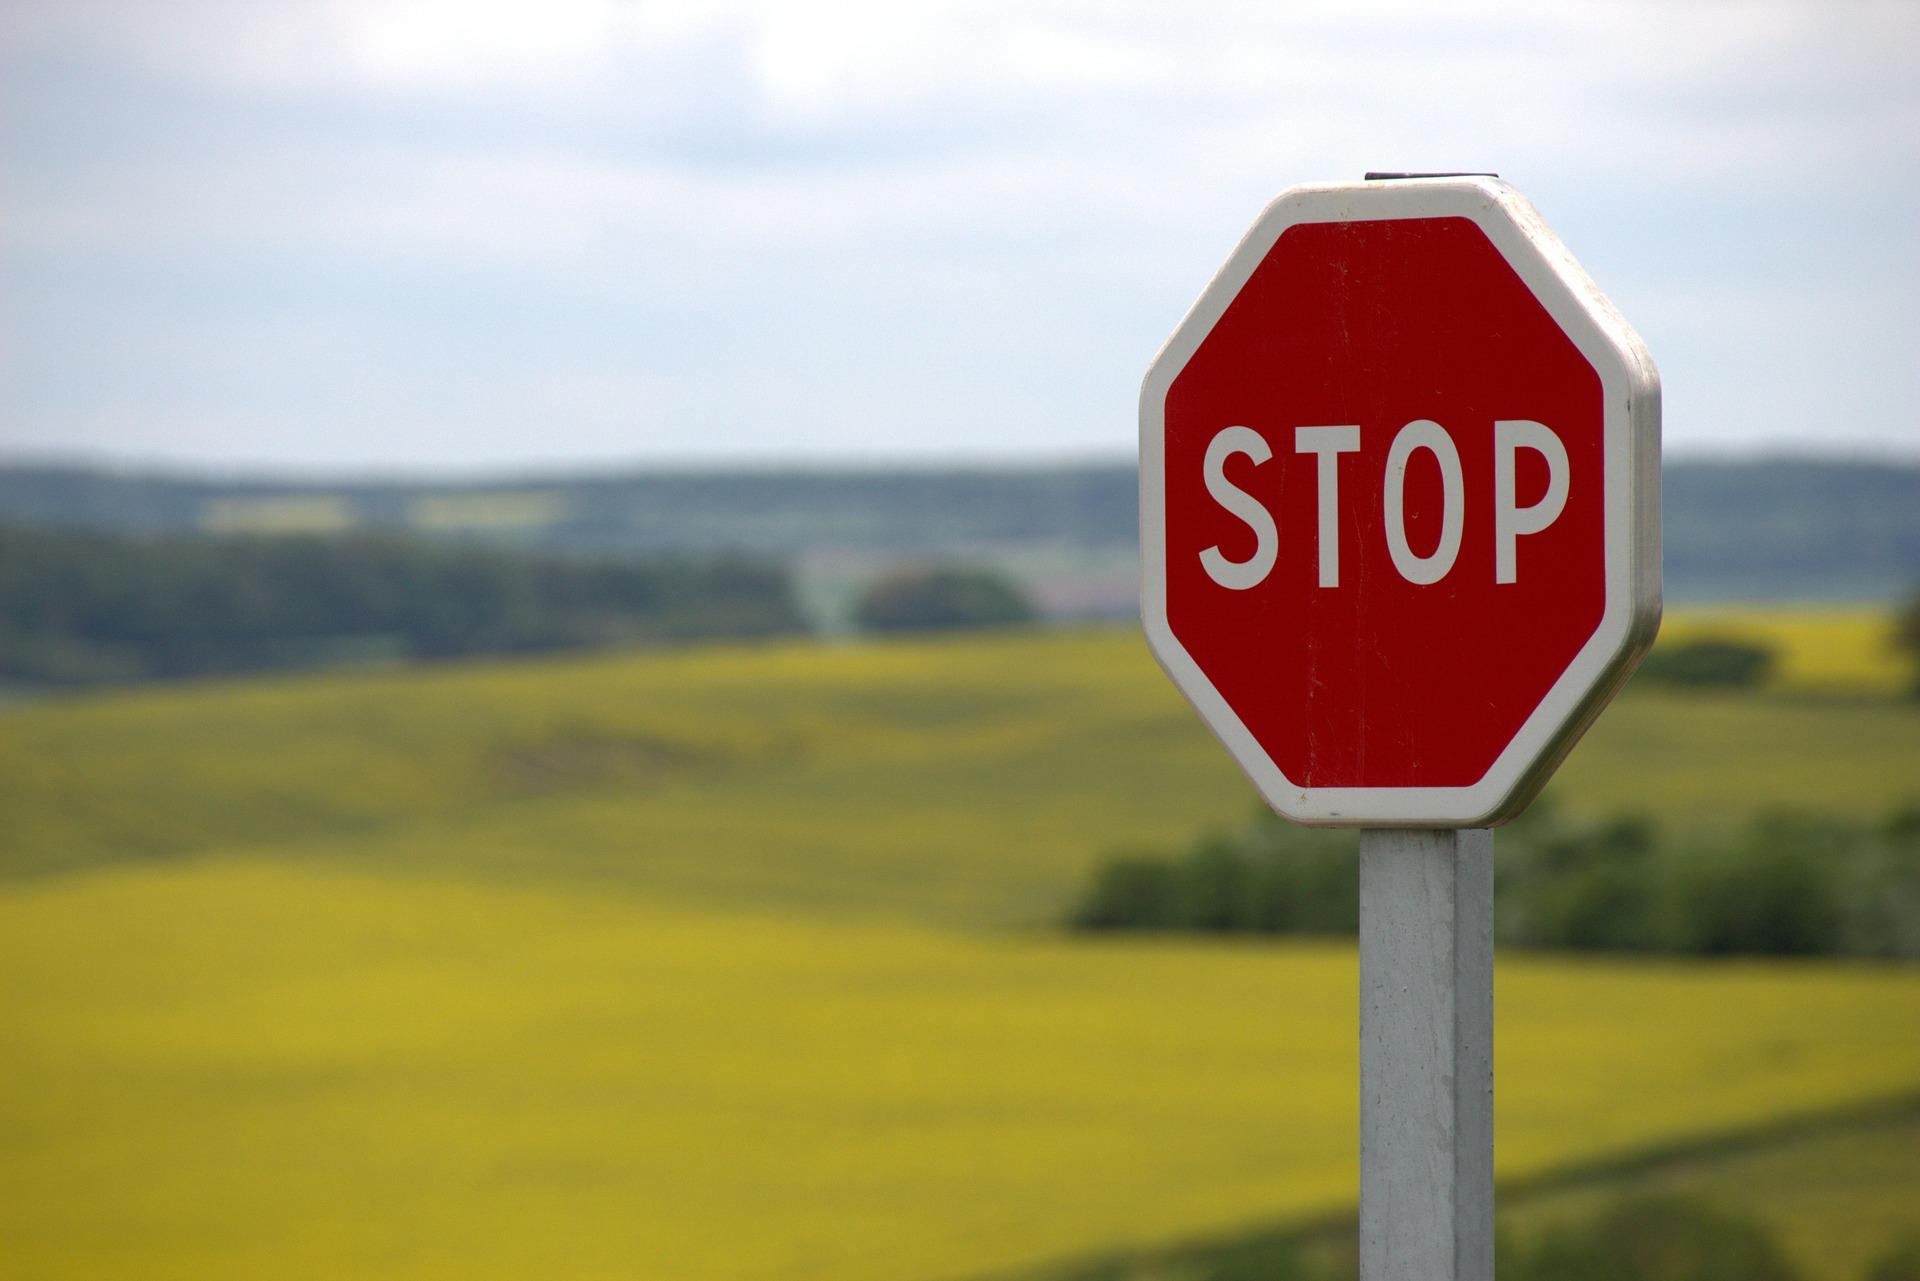 stop-634941_1920.jpg